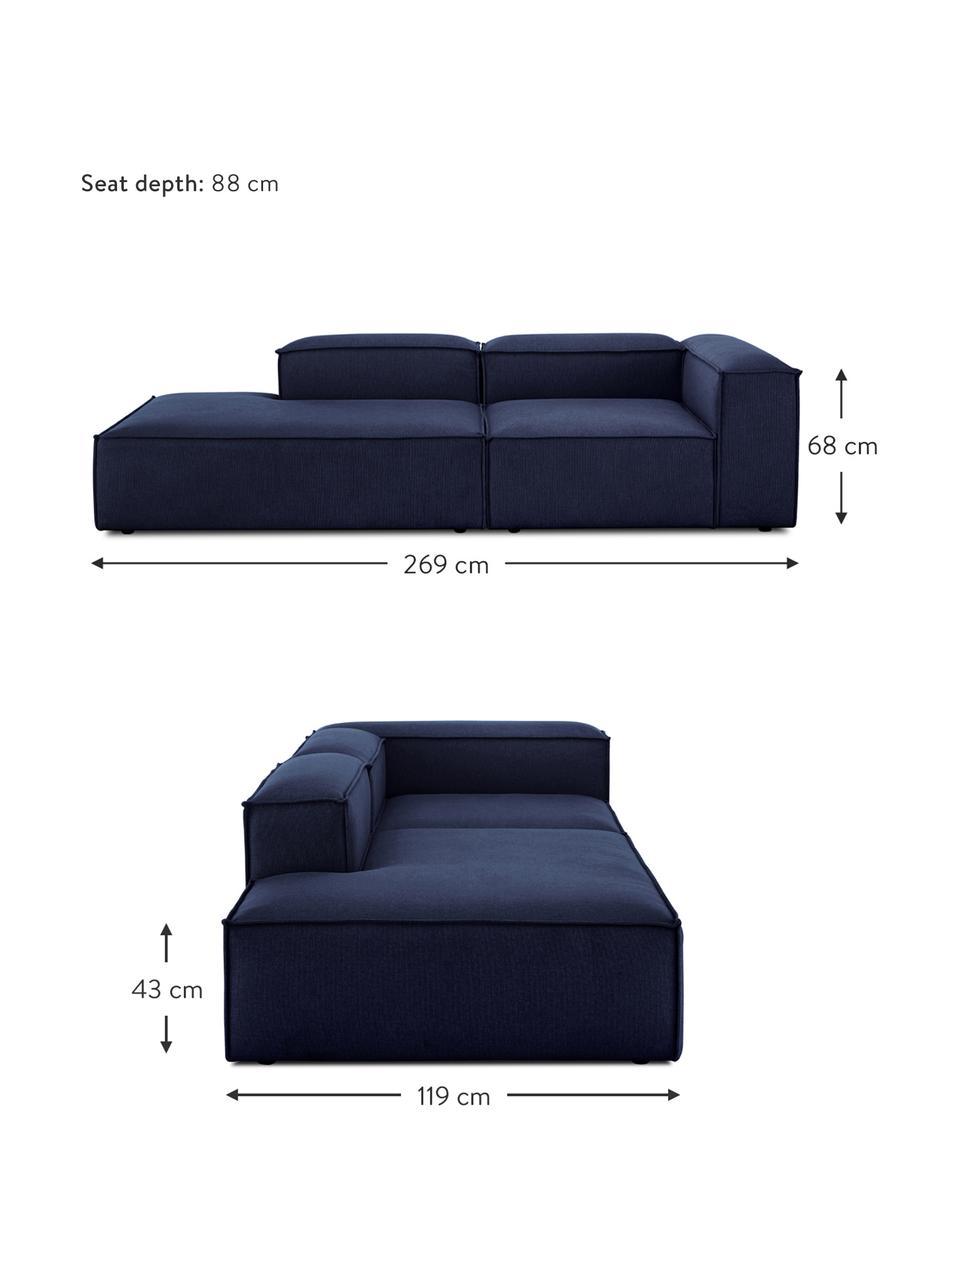 Modulaire chaise longue Lennon in blauw, Bekleding: 100% polyester De slijtva, Frame: massief grenenhout, multi, Poten: kunststof De poten bevind, Geweven stof blauw, 269 x 119 cm